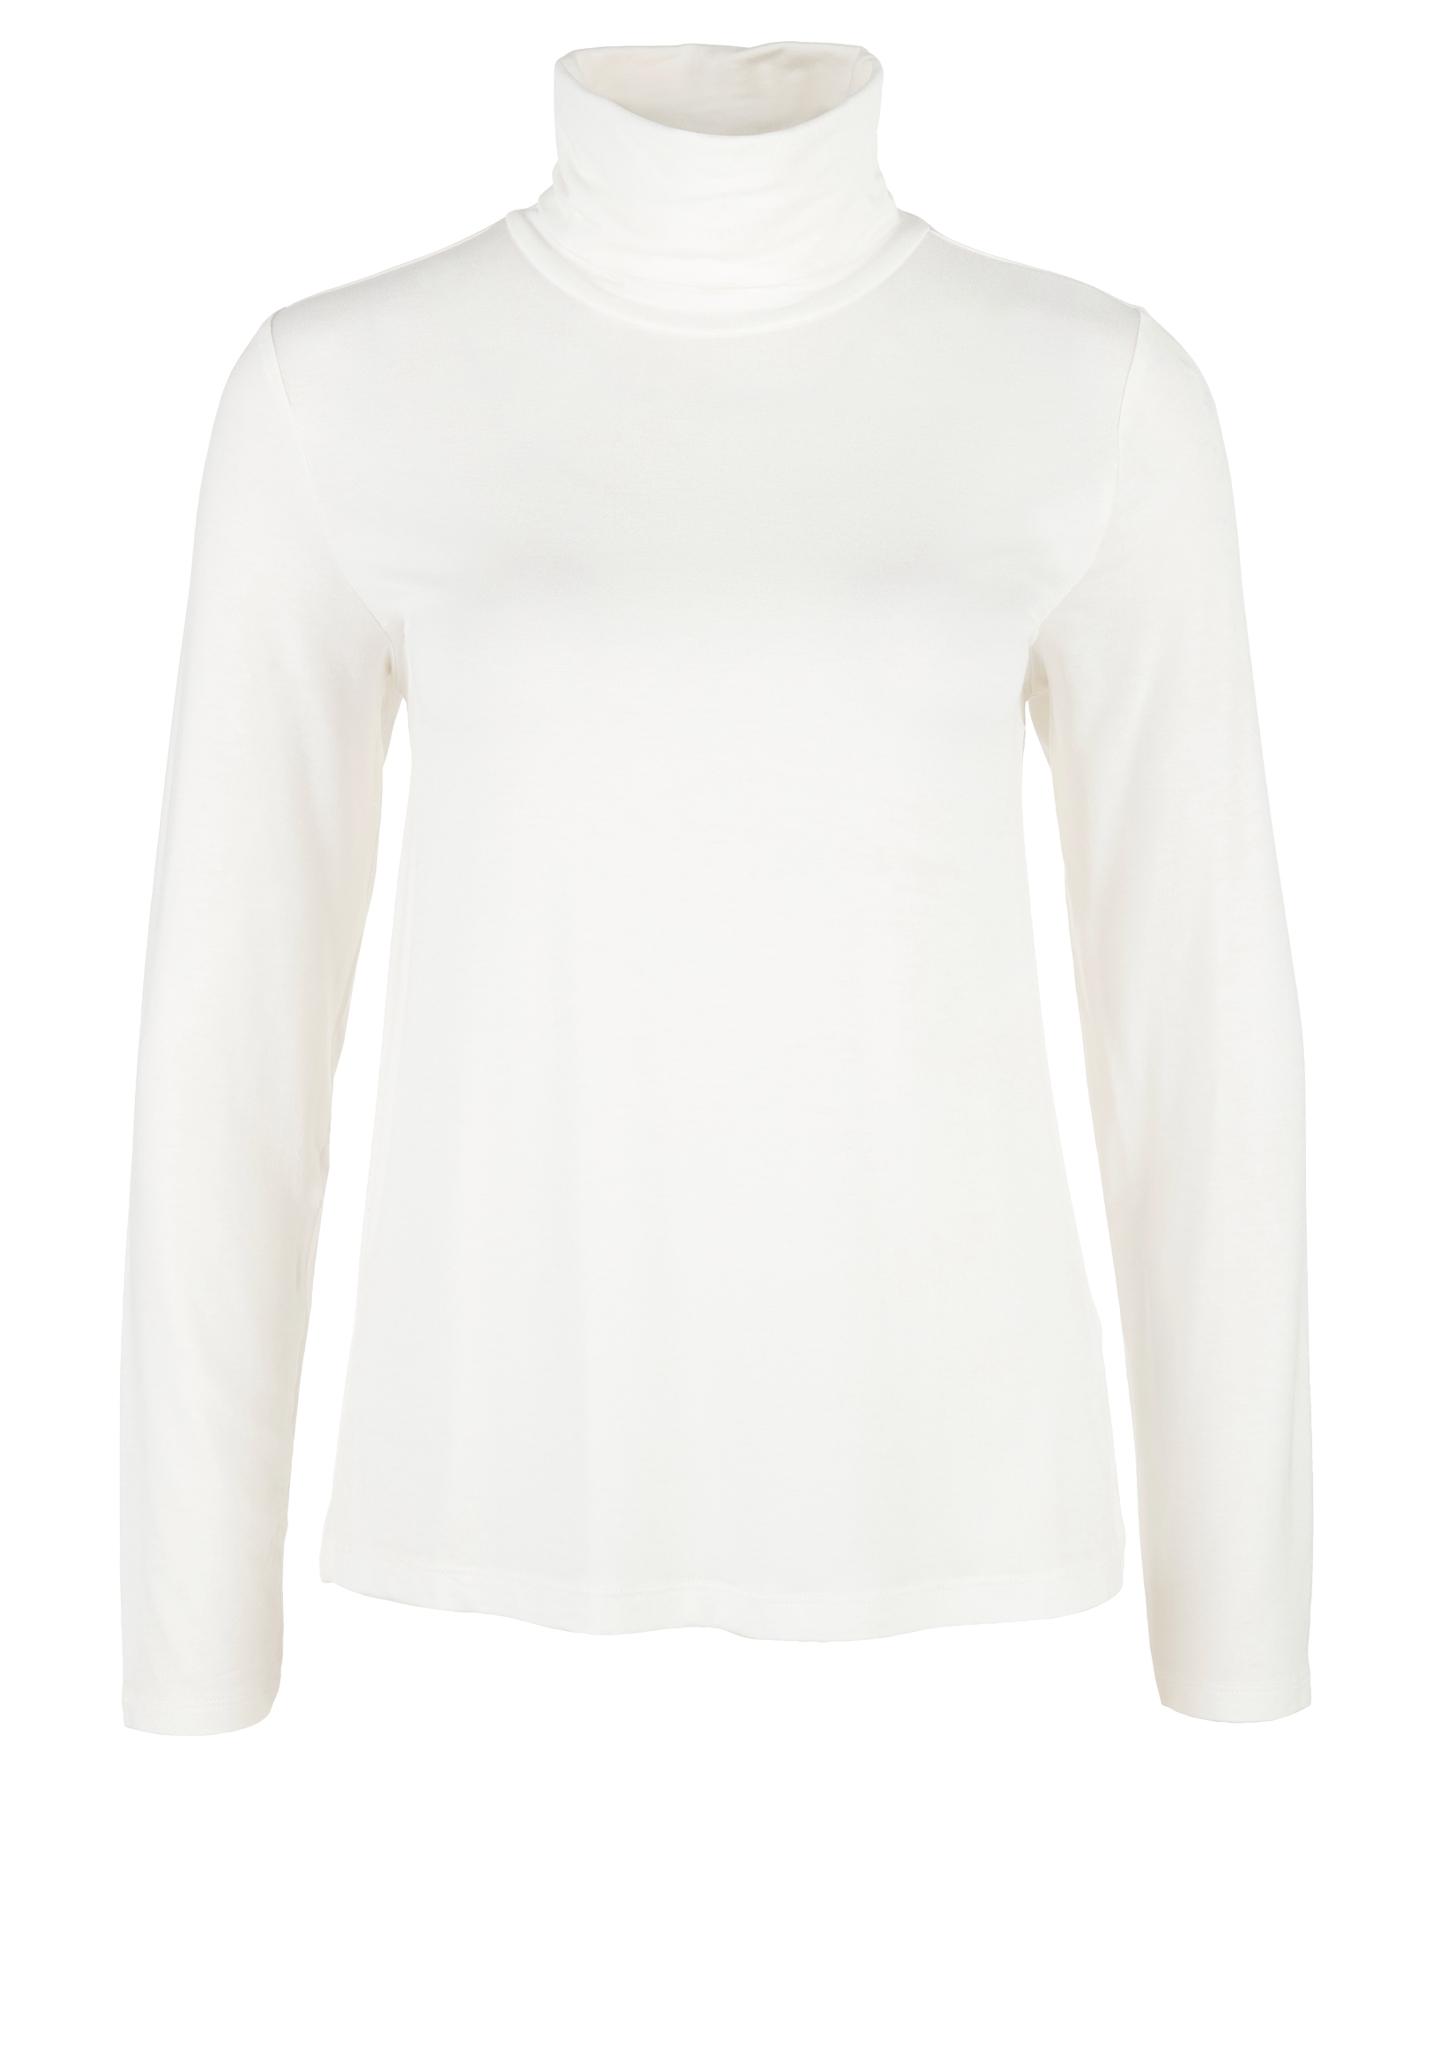 Rollkragenshirt | Bekleidung > Shirts > Rollkragenshirts | Beige | 95% viskose -  5% elasthan | s.Oliver